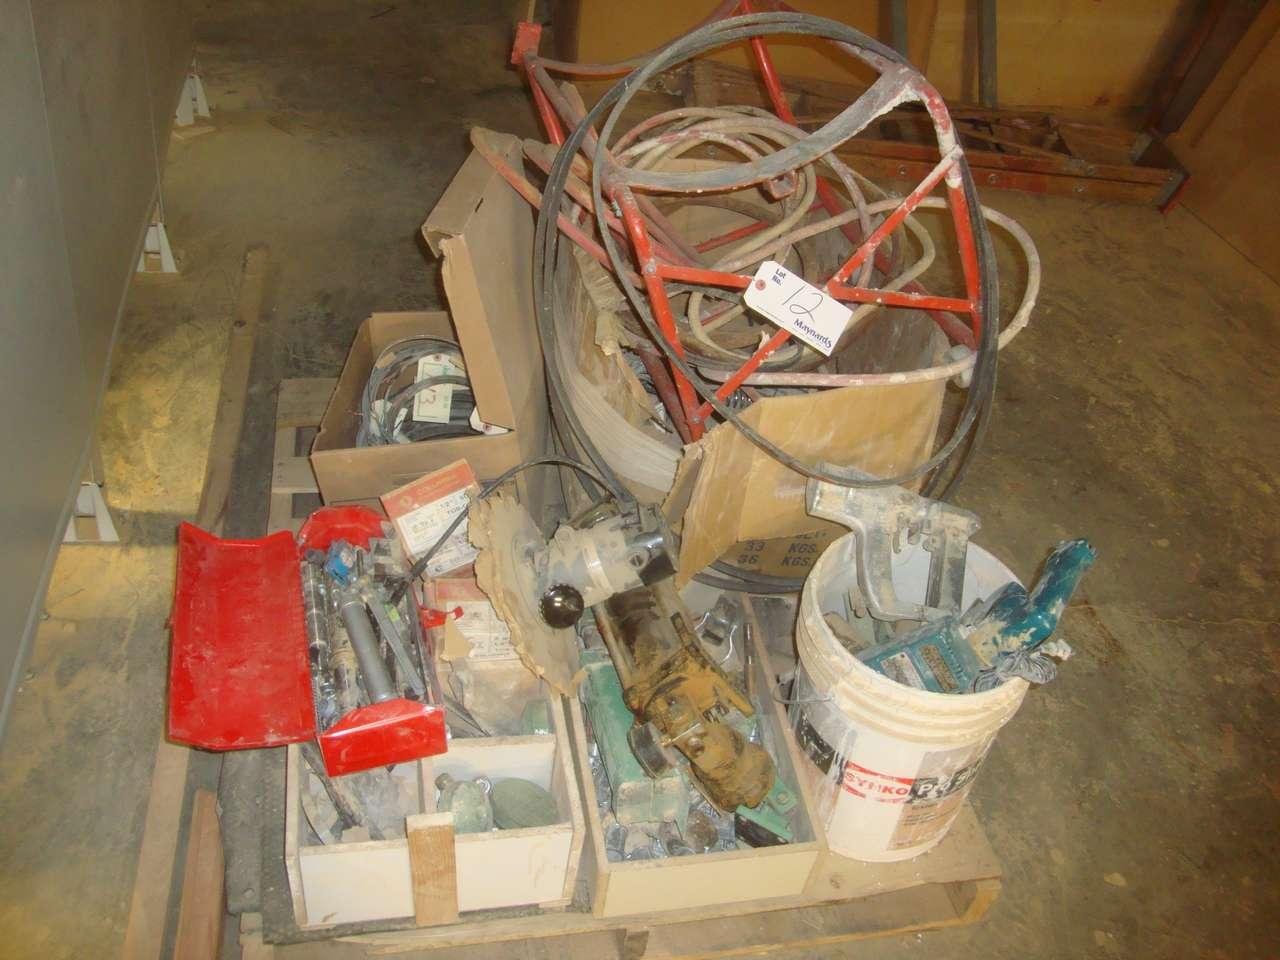 Lot 12 - Pallet of parts